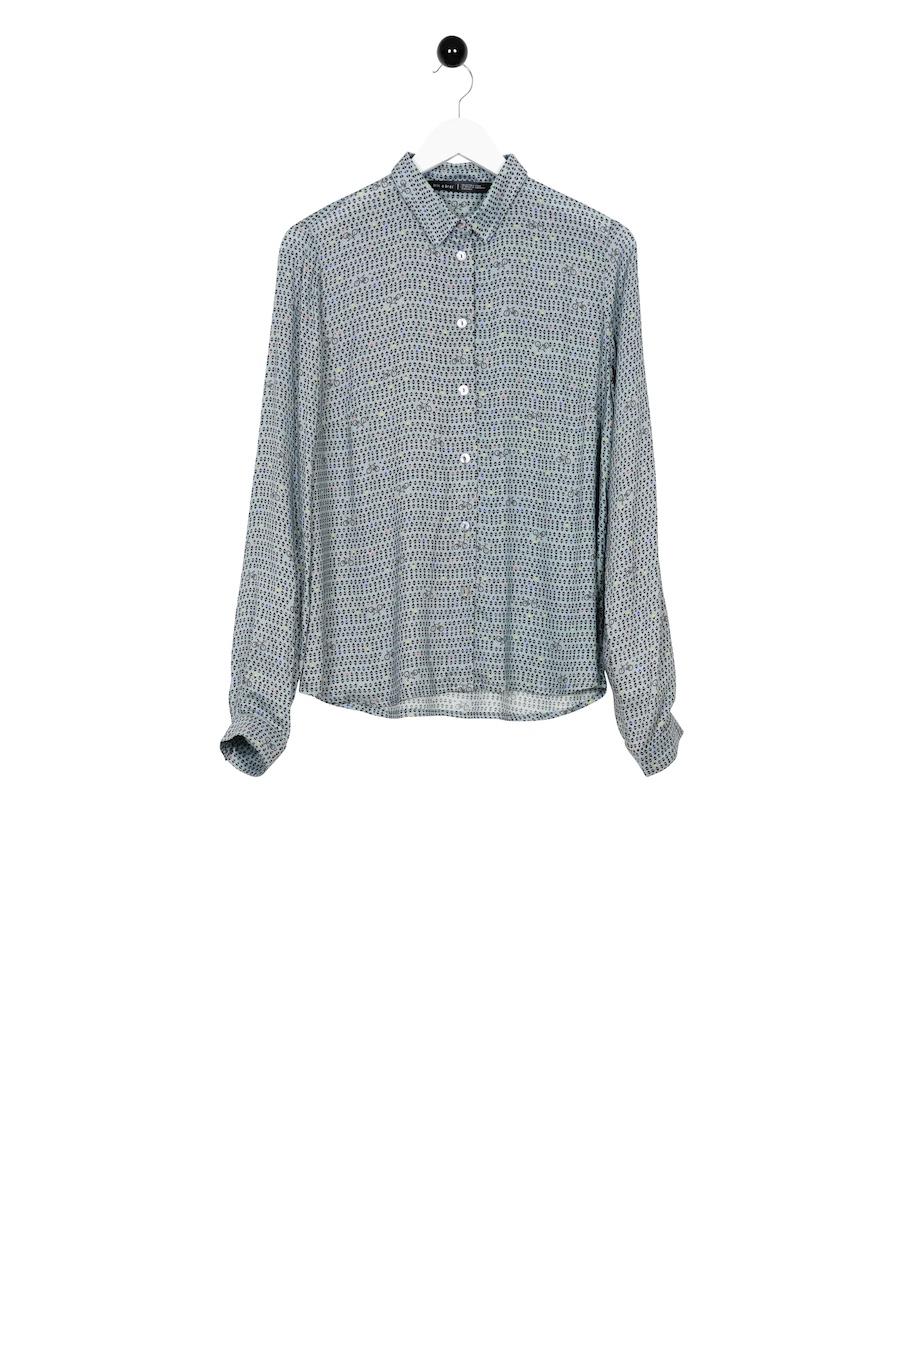 Akvamarin Shirt